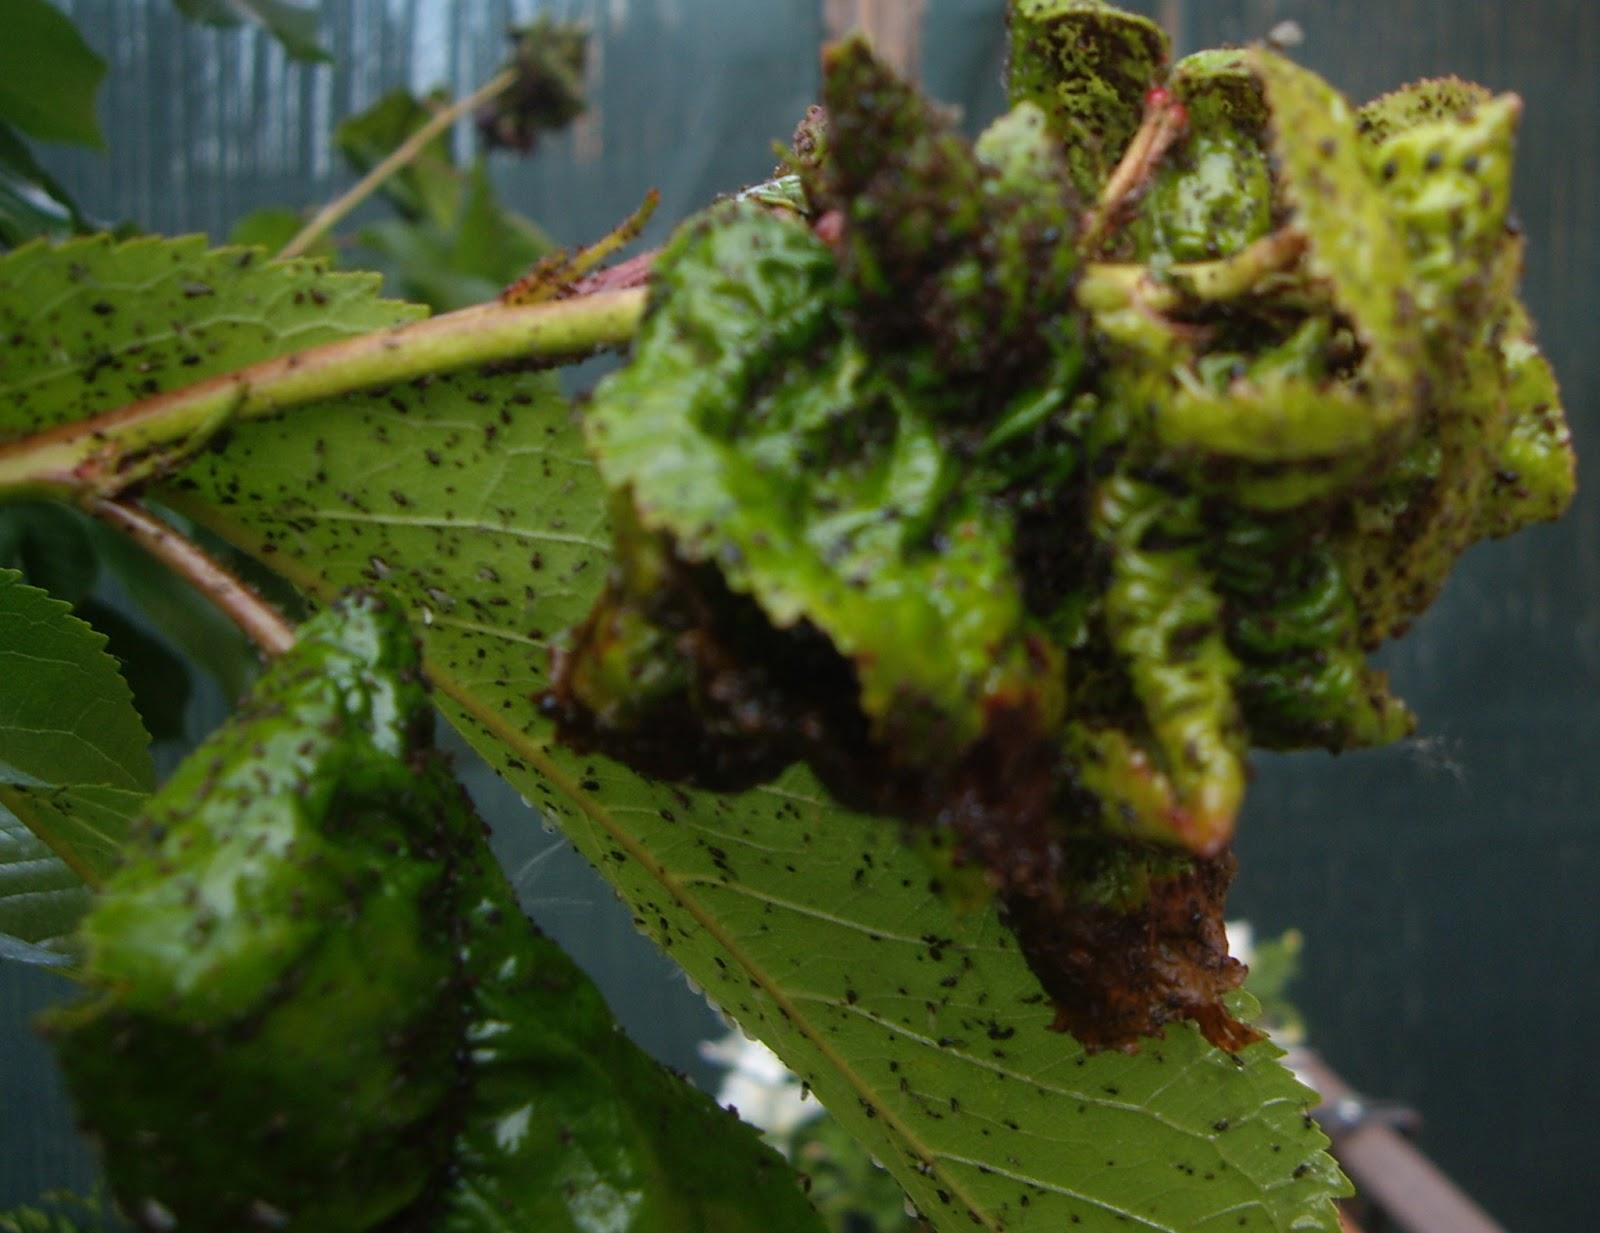 La mar de verde marzo 2013 - Pulgon en plantas ...